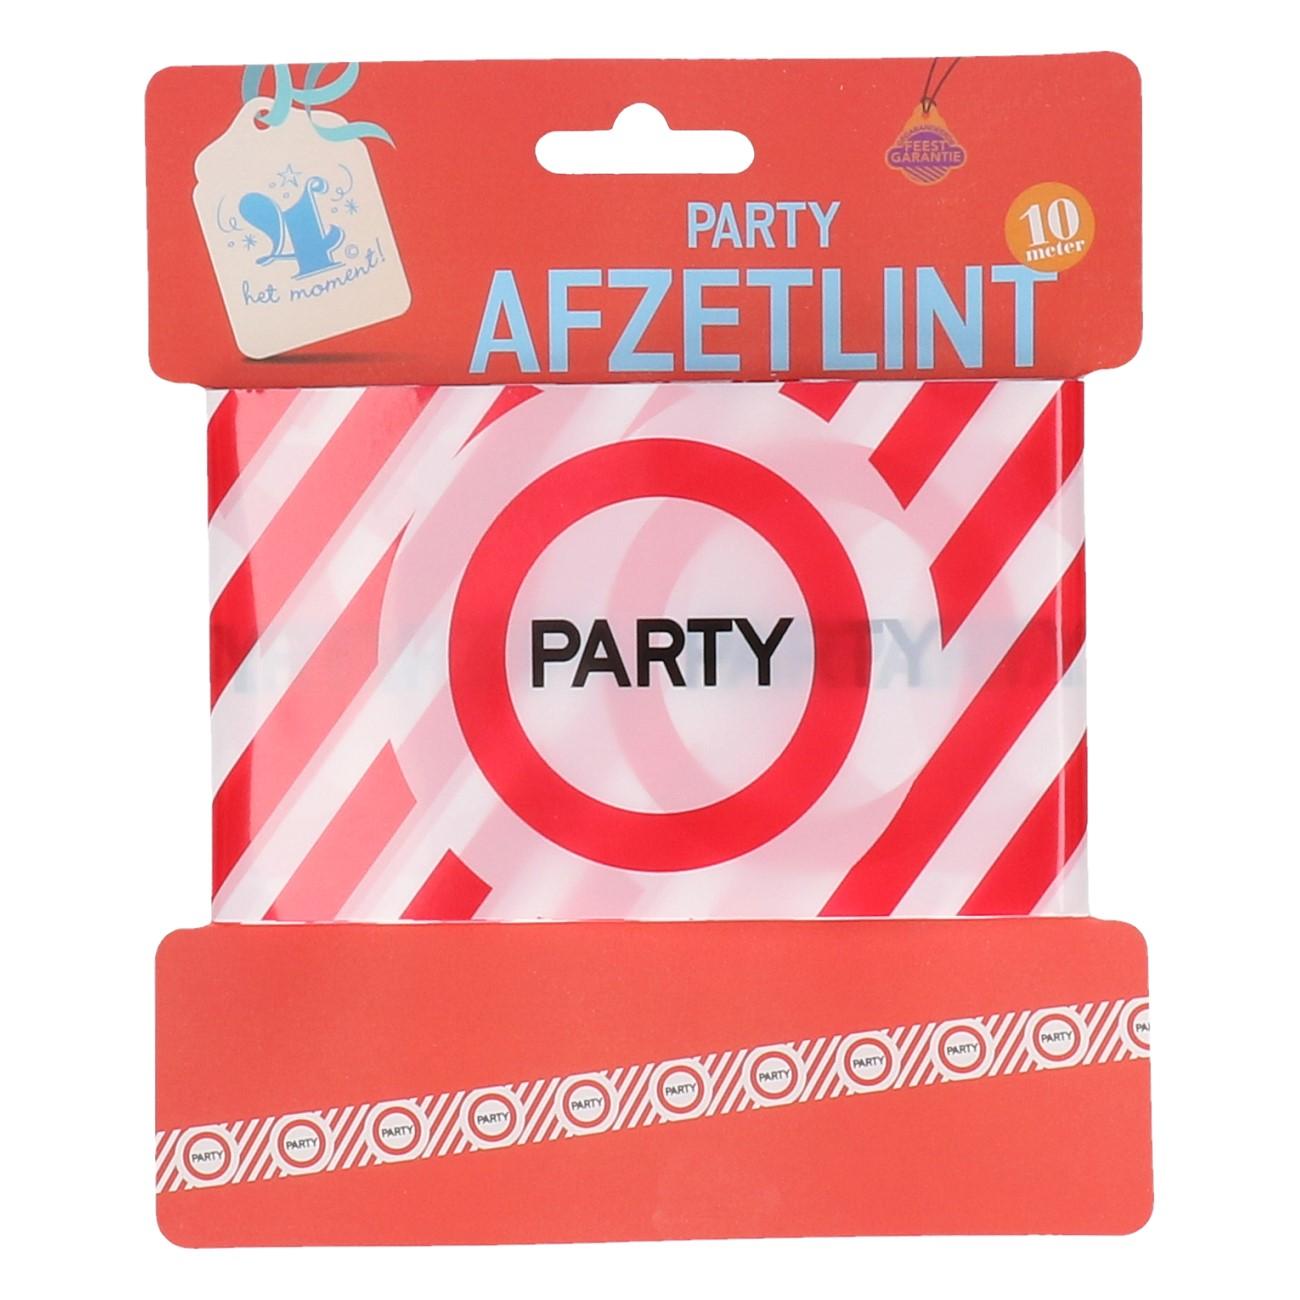 Afzetlint PARTY